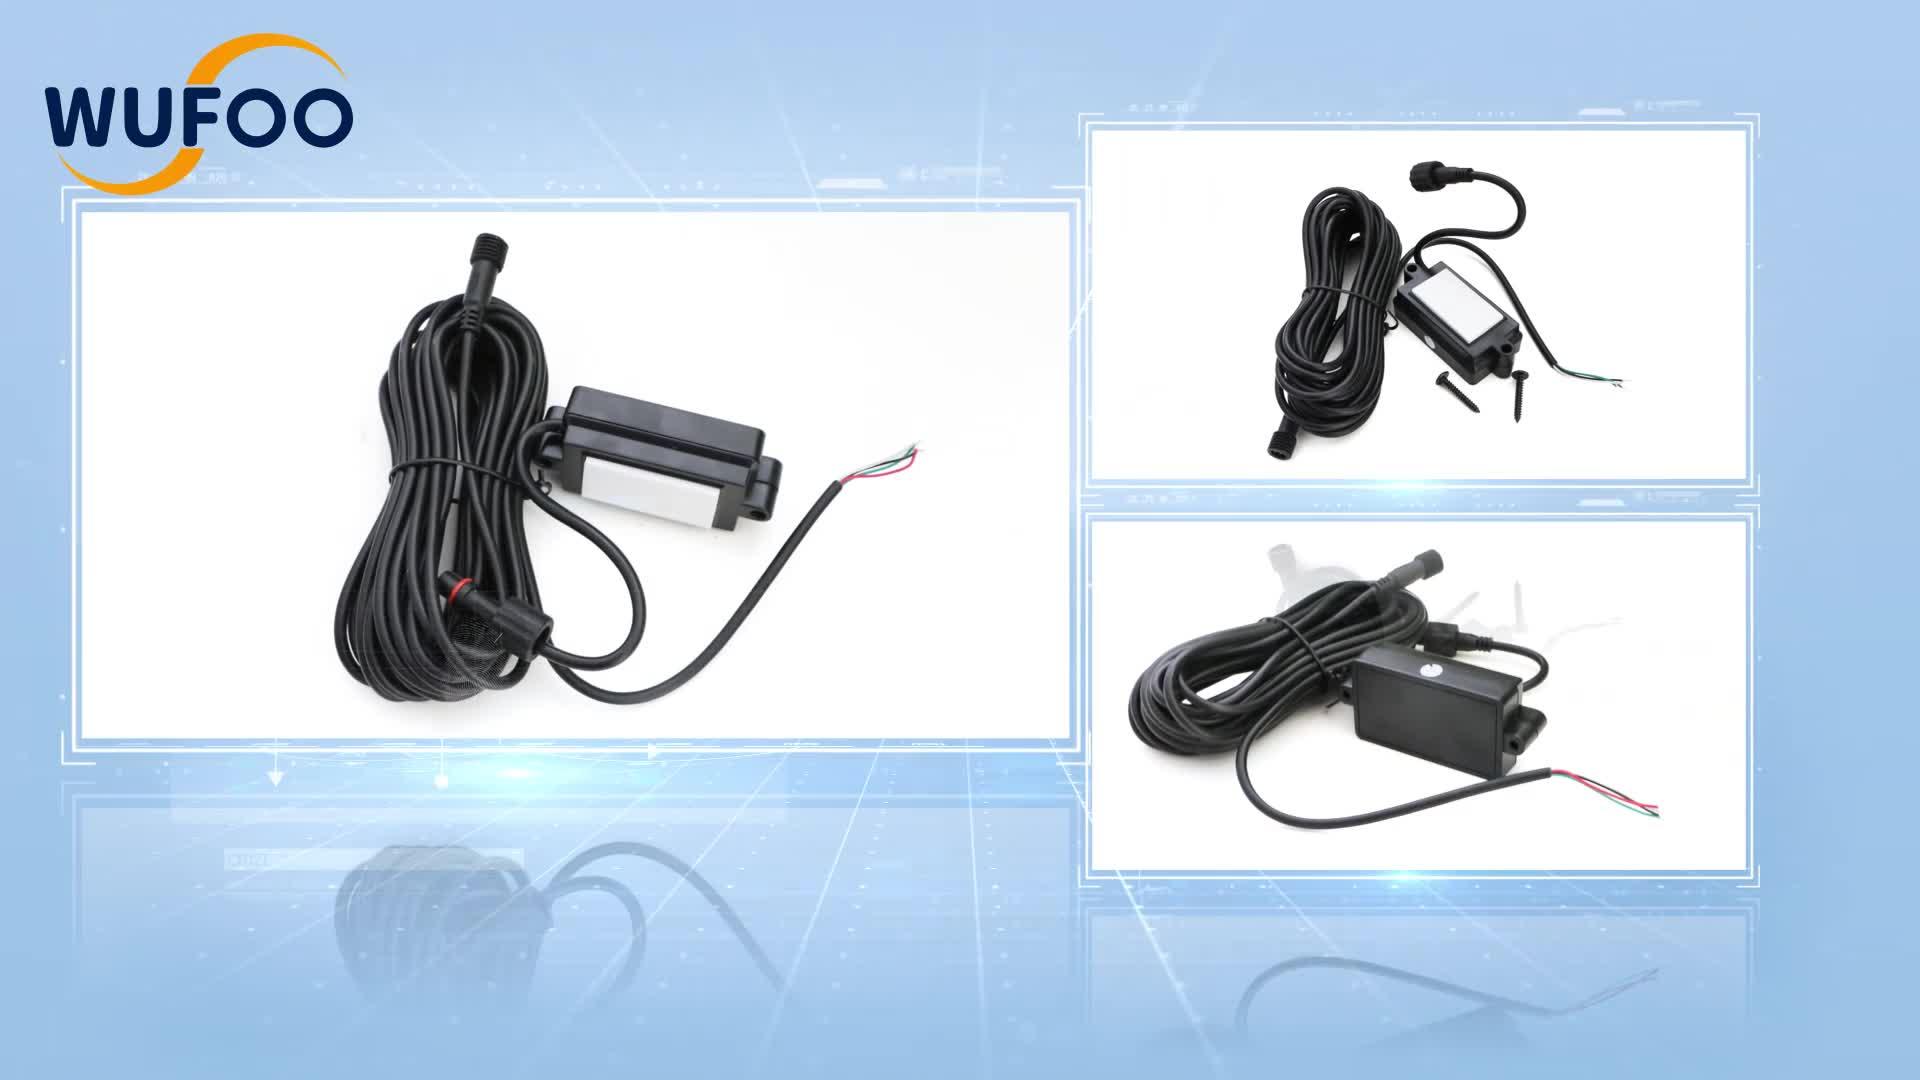 स्टॉक में WuFoo यूनिवर्सल Tailagte बिजली ट्रंक बूट सेंसर स्मार्ट ऑटो इलेक्ट्रिक टेल गेट के लिए लिफ्ट